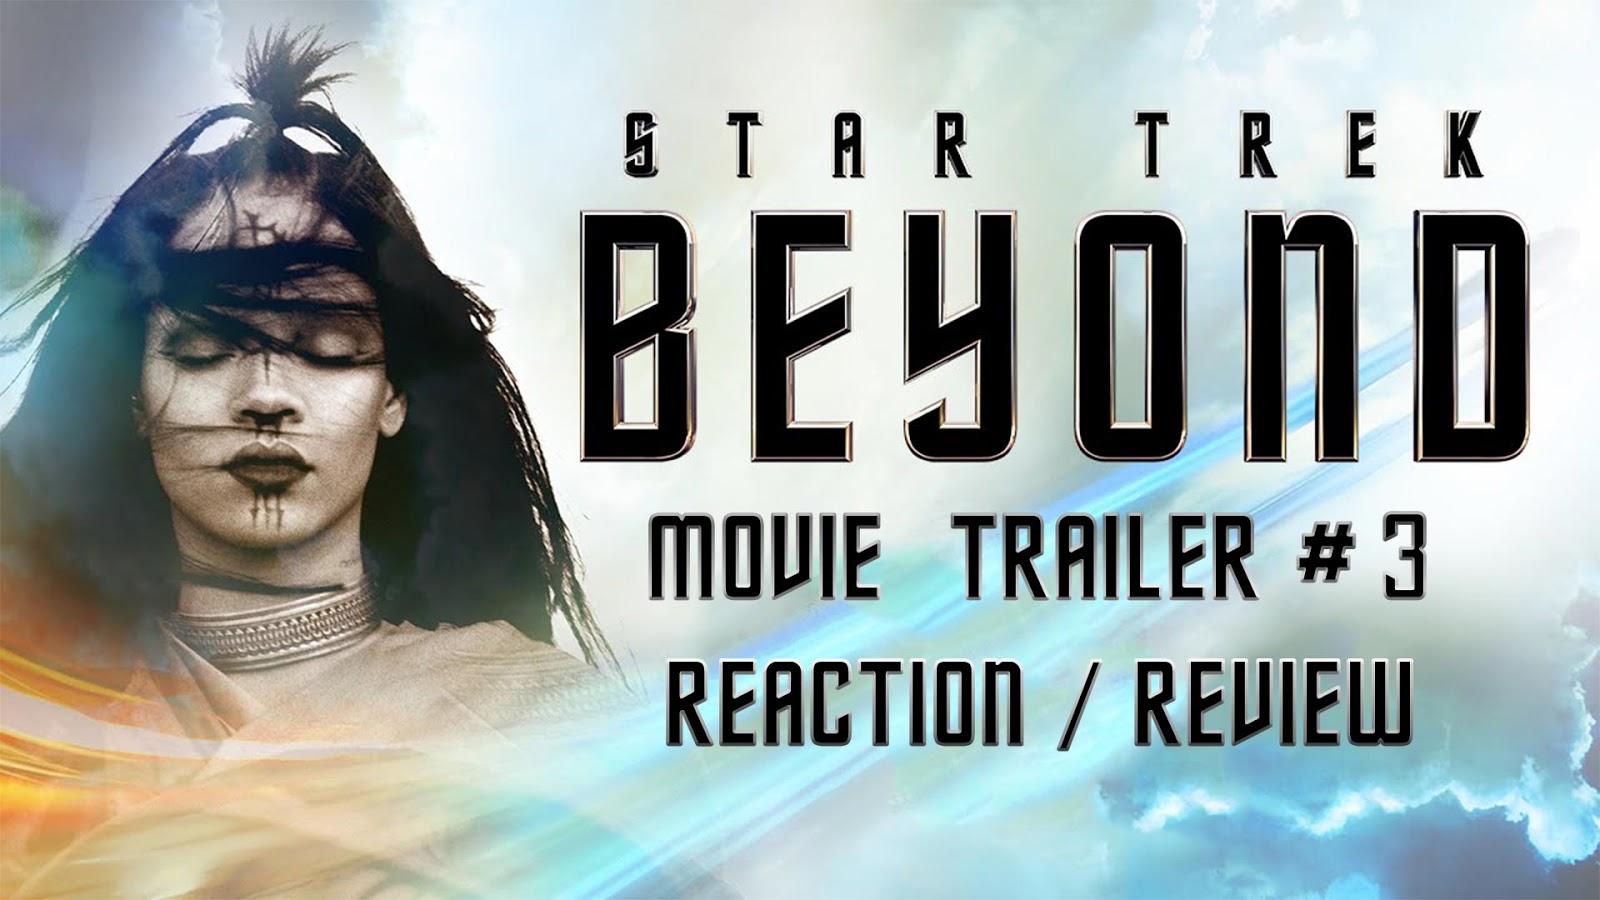 reaction to trailer for Star Trek Beyond